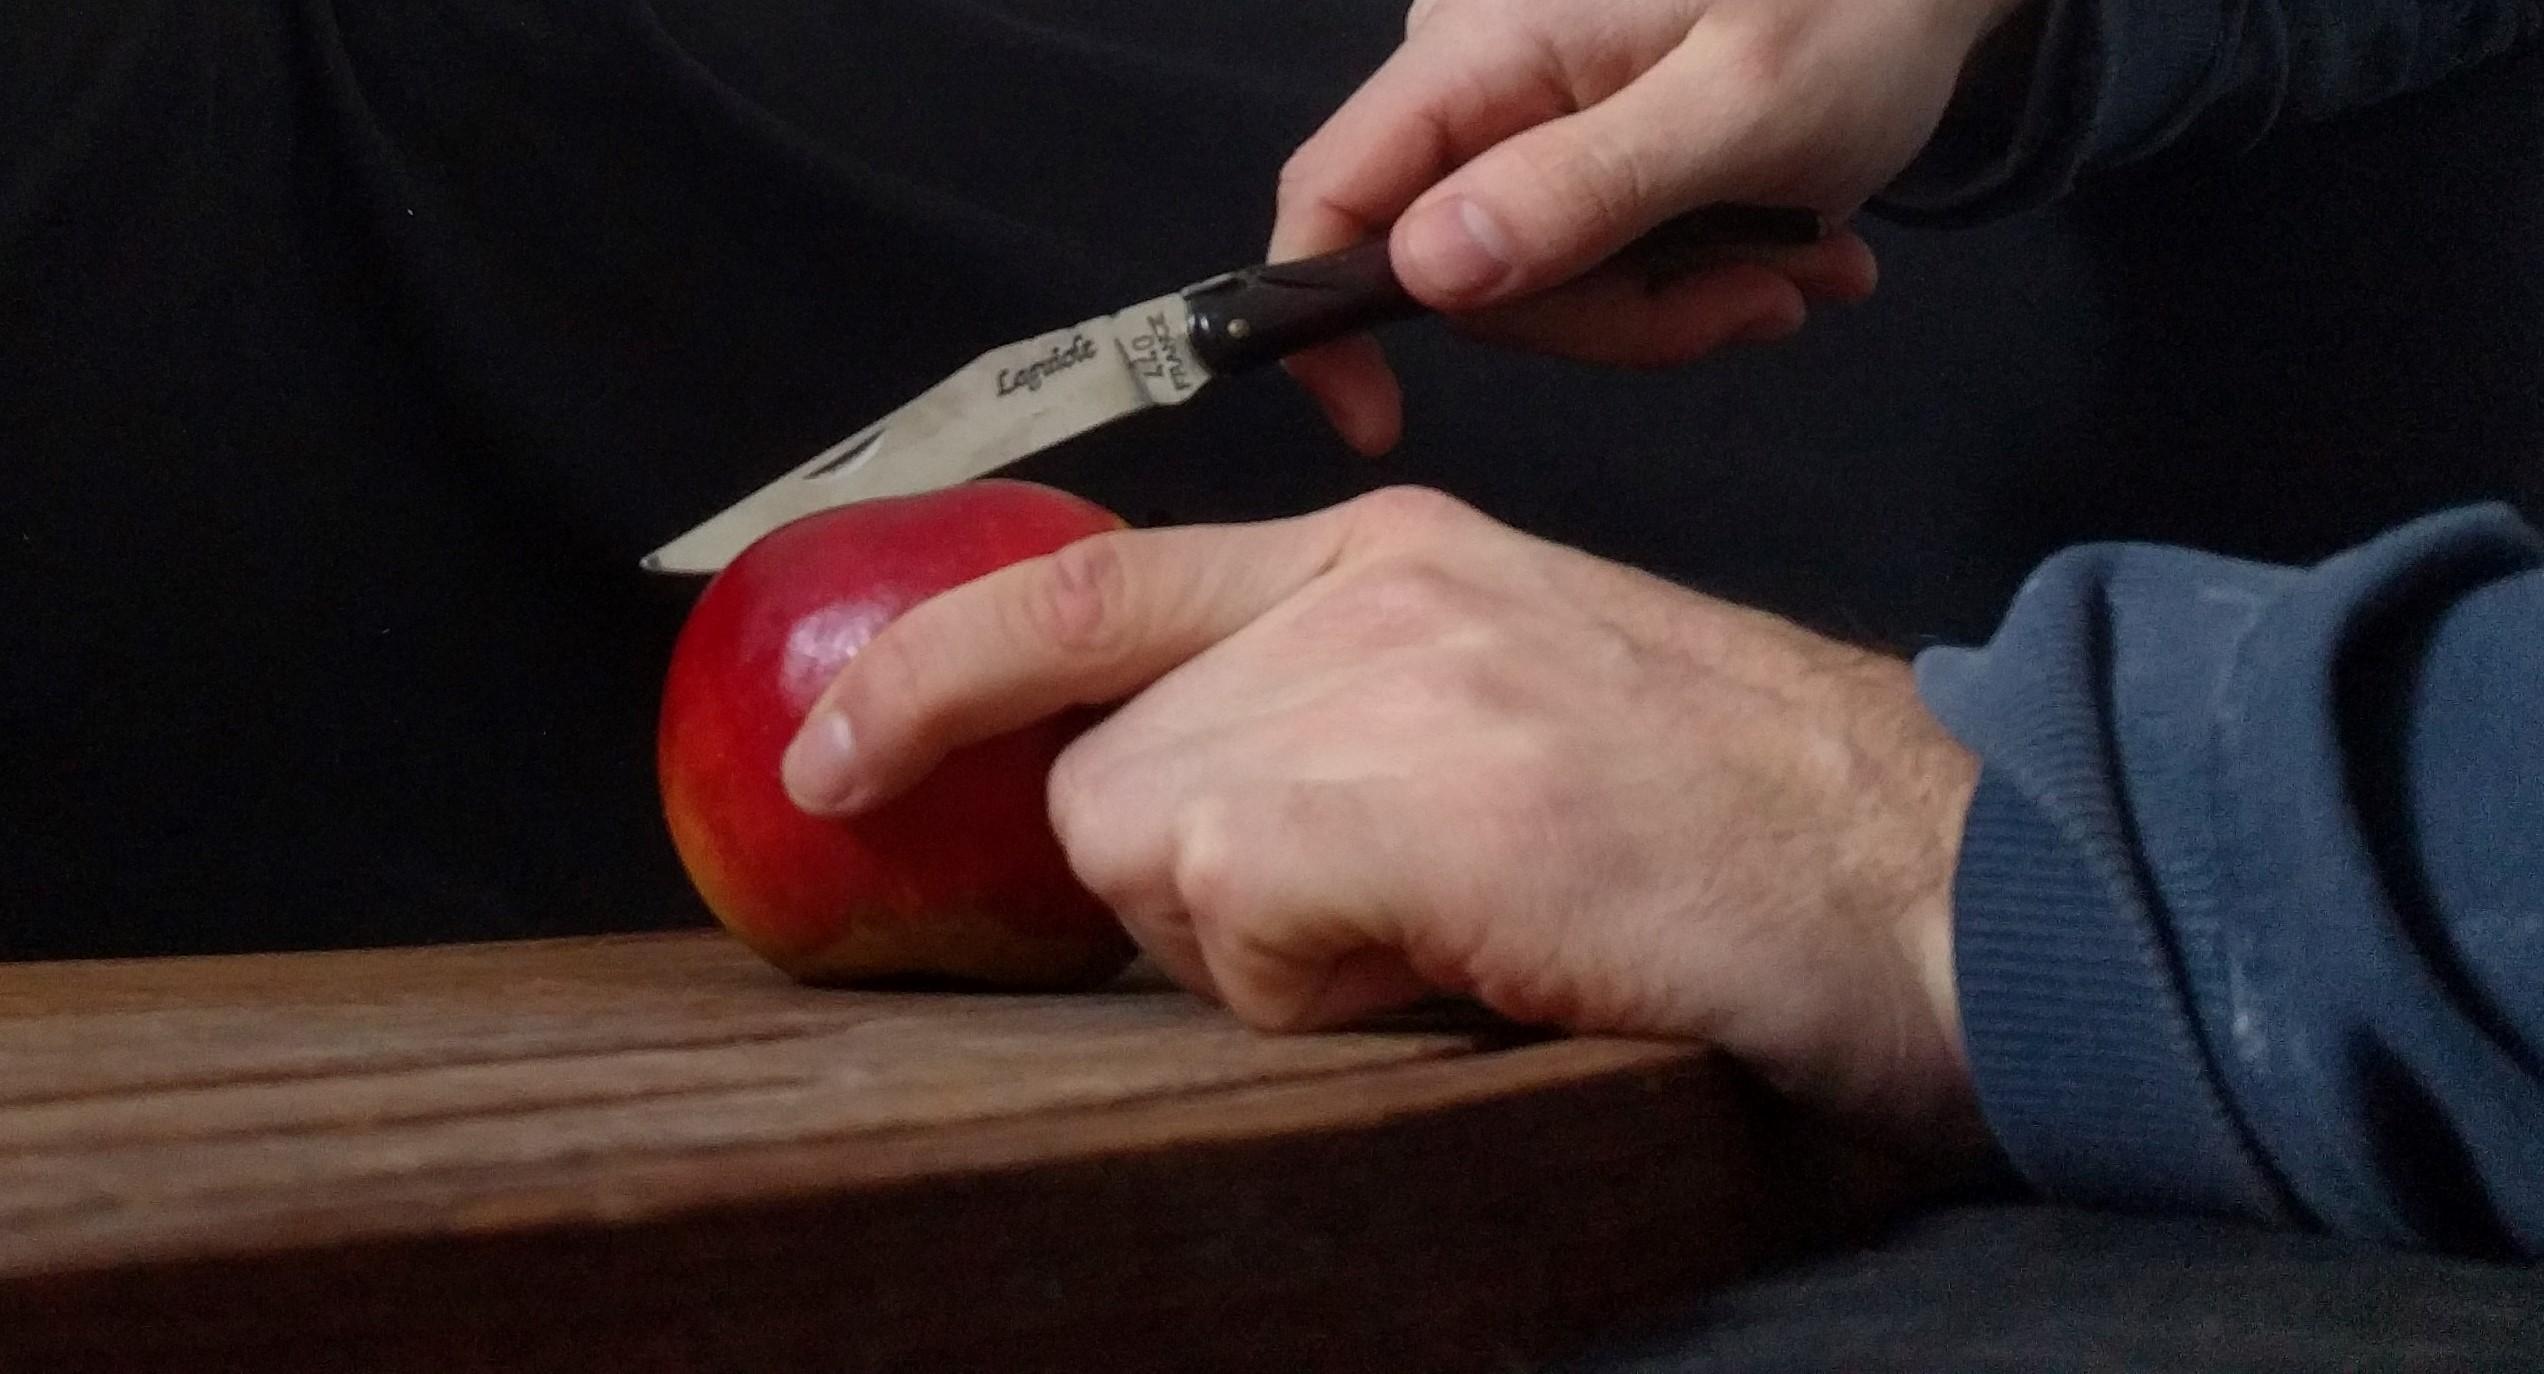 Laguiole Taschenmesser Test